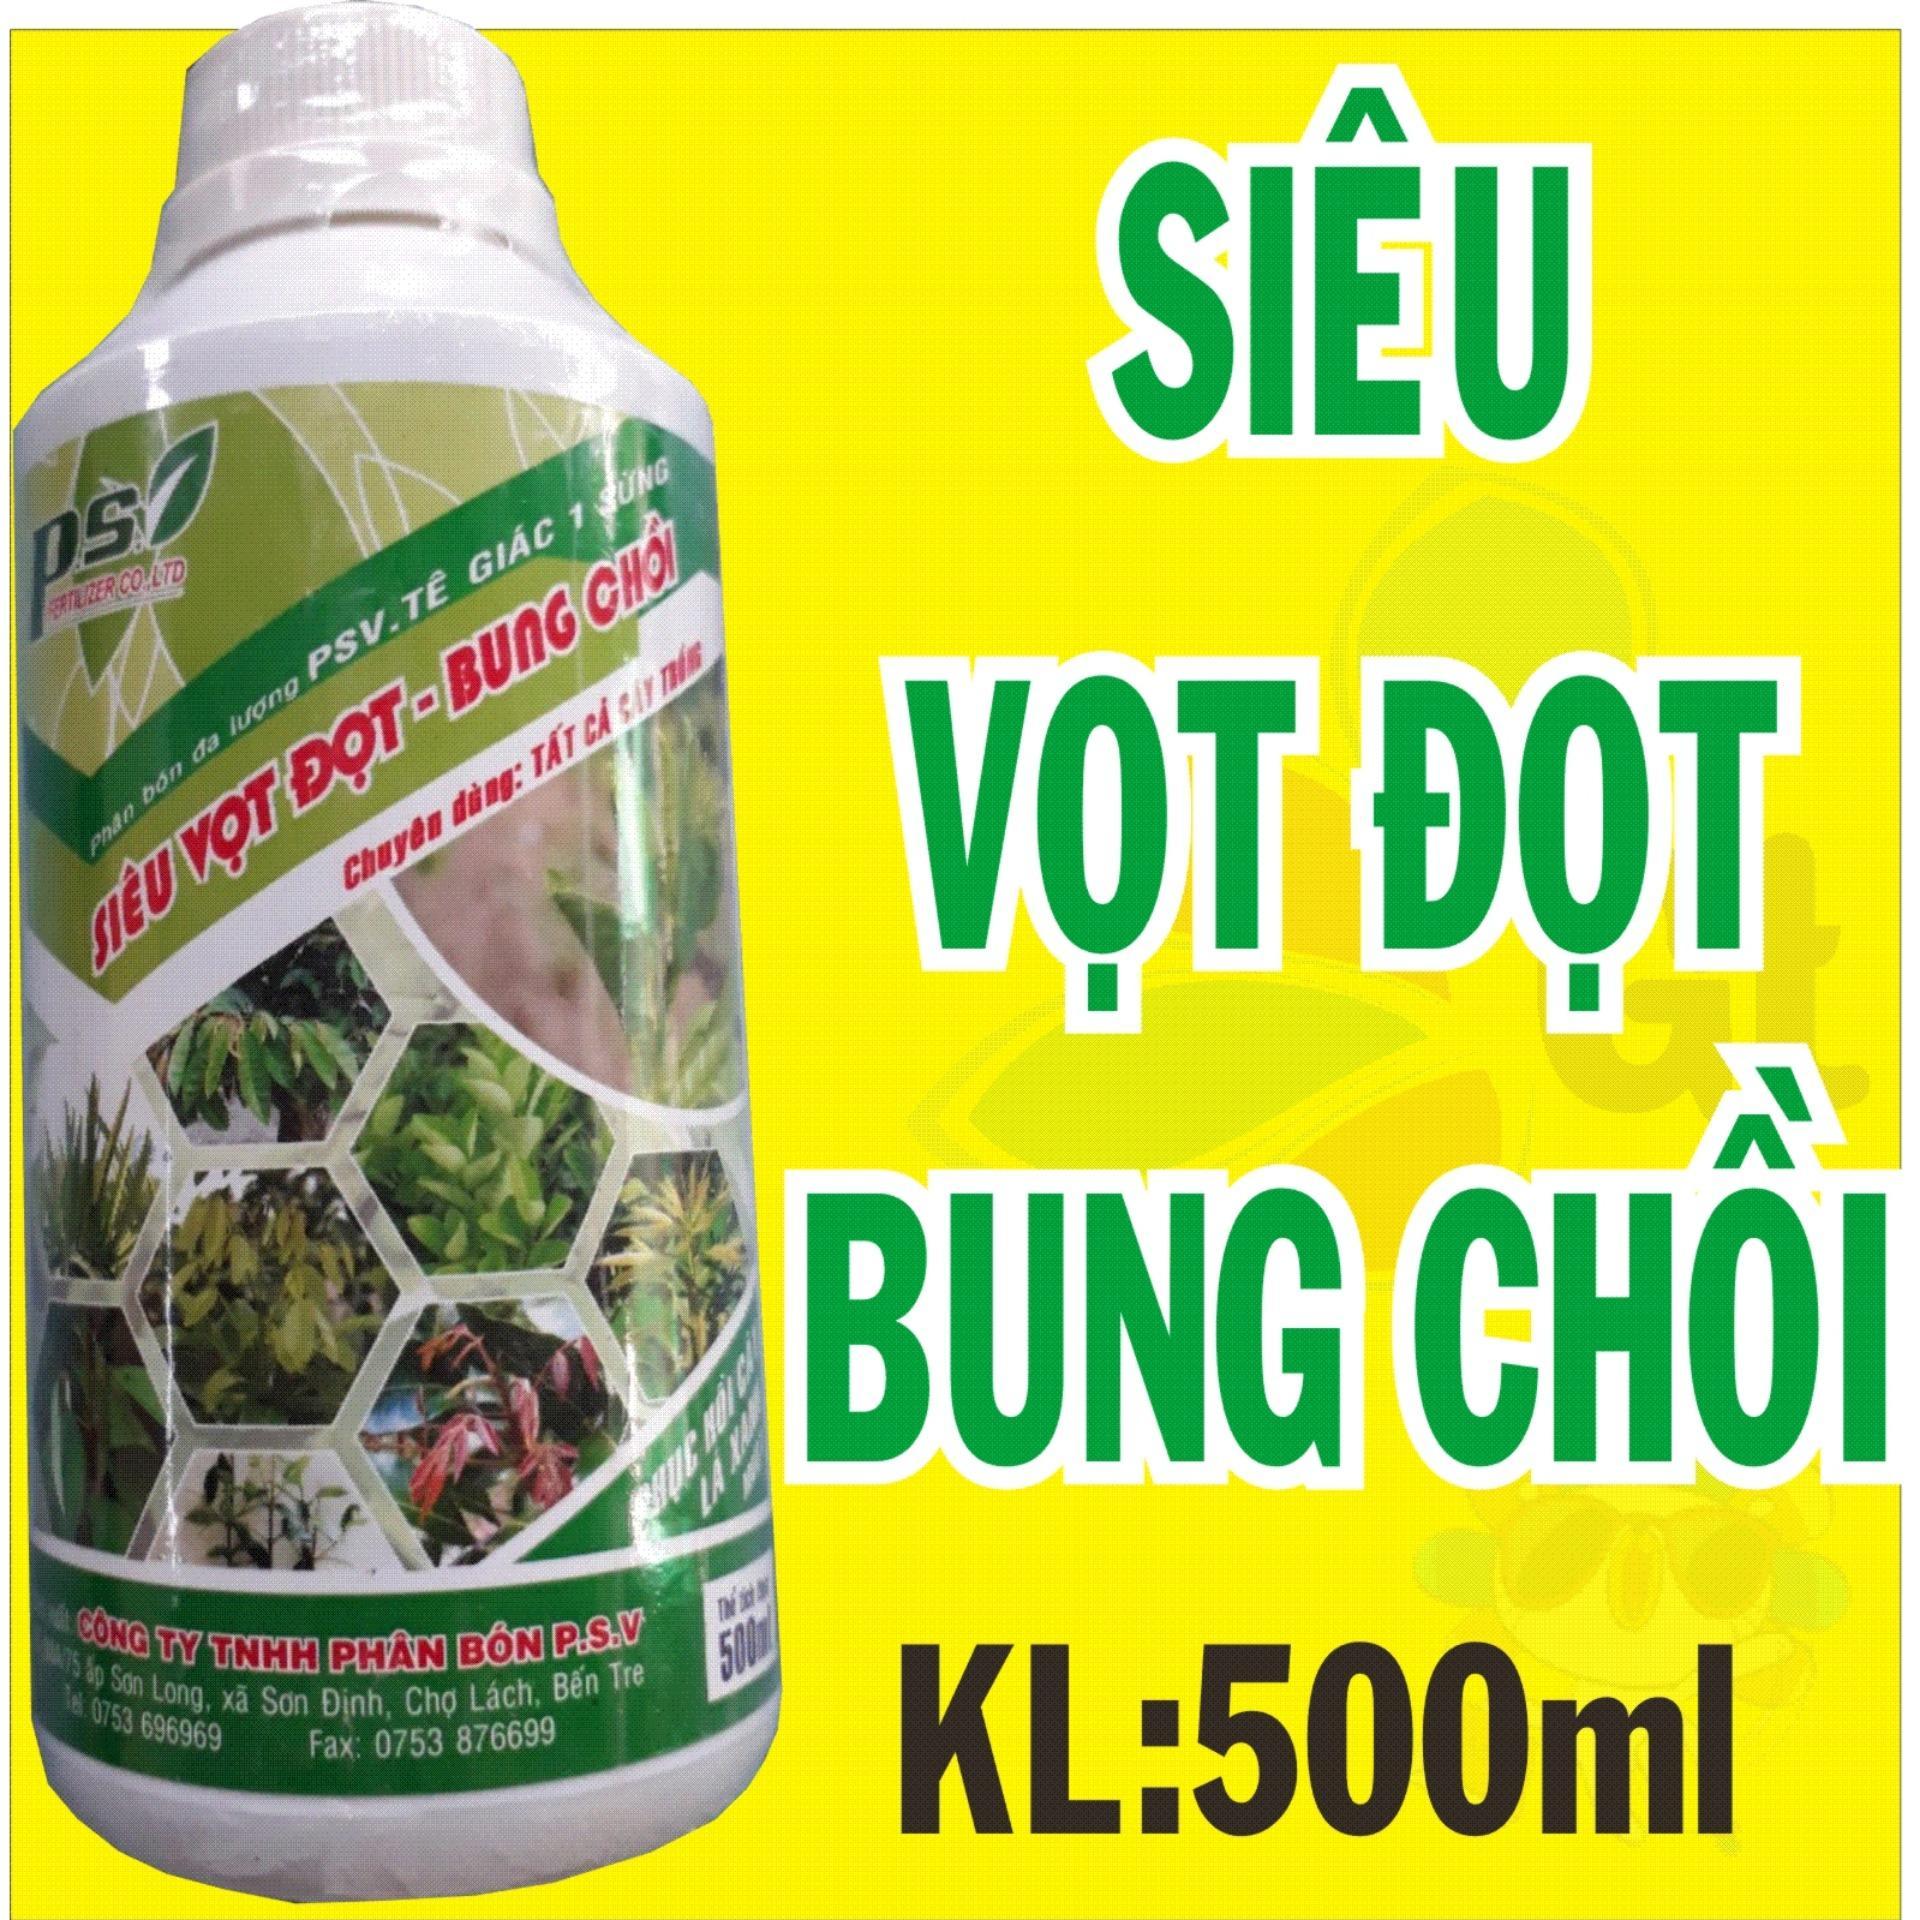 Hình ảnh Phân bón lá đa lượng Siêu vọt đọt - Bung chồi (500ml)